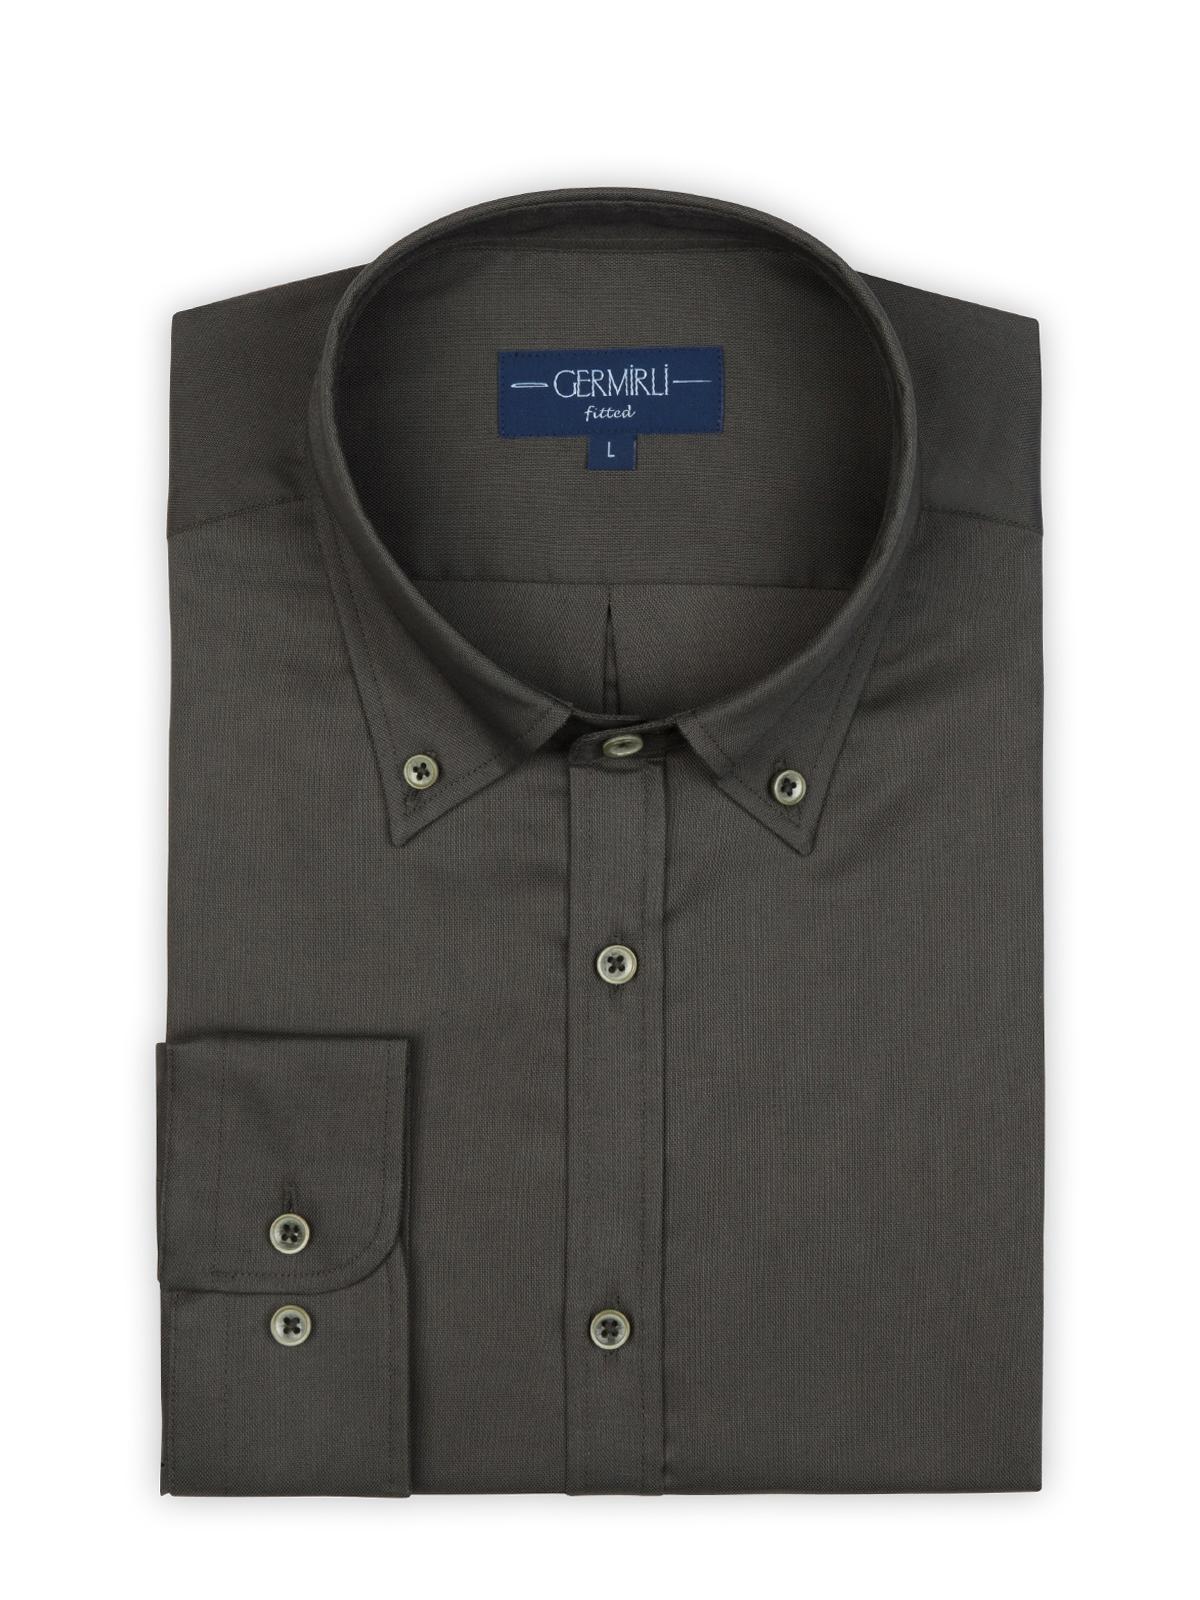 Germirli Haki Panama Doku Düğmeli Yaka Tailor Fit Gömlek